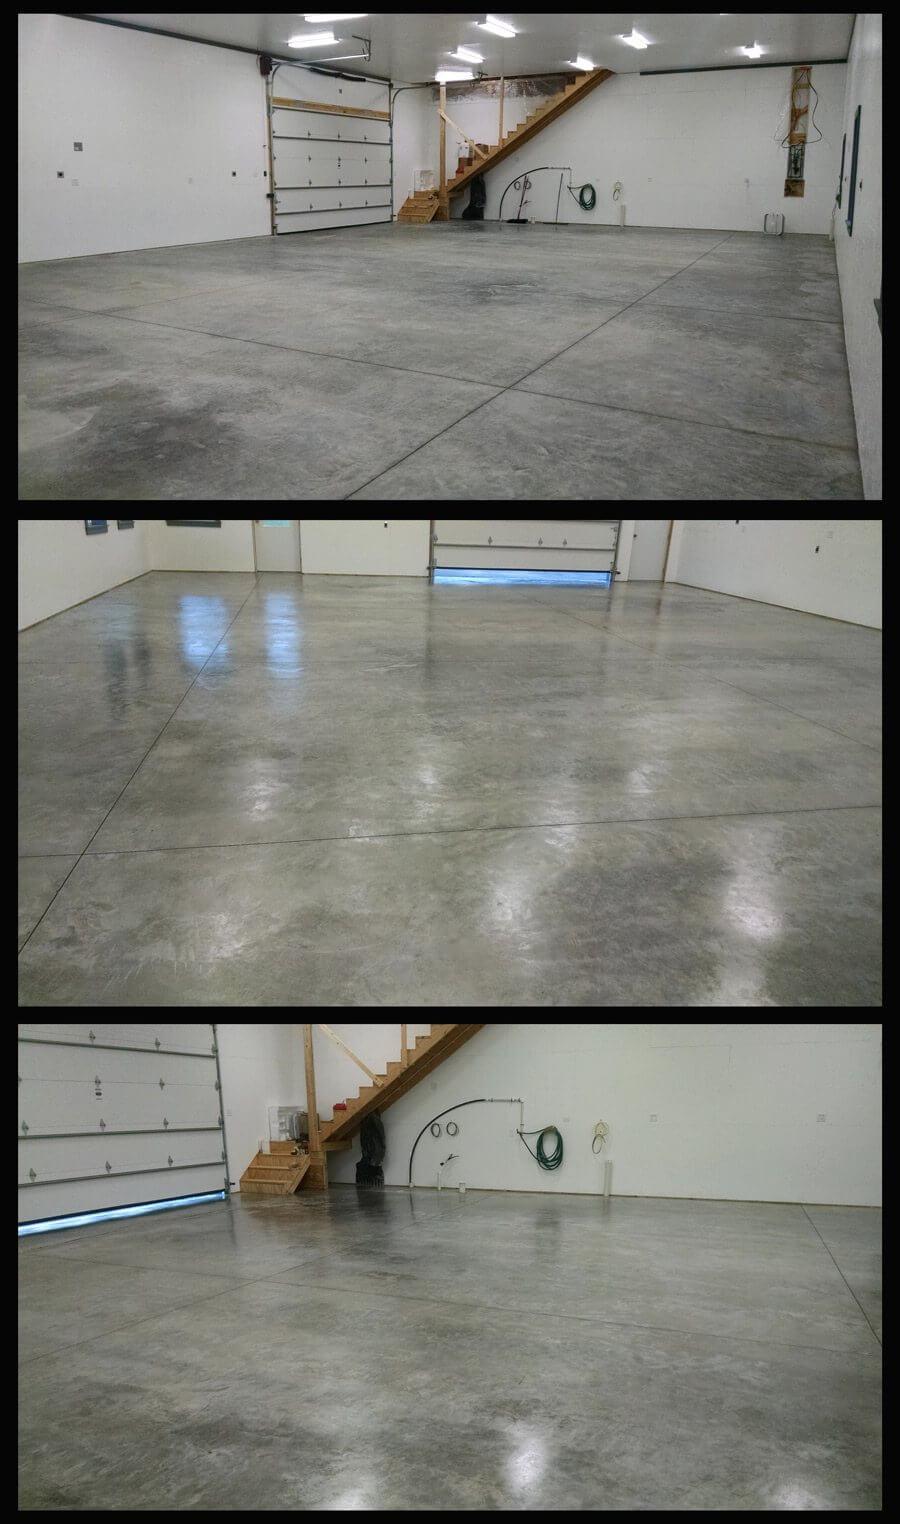 Beofre and after Garage Floor Sealer